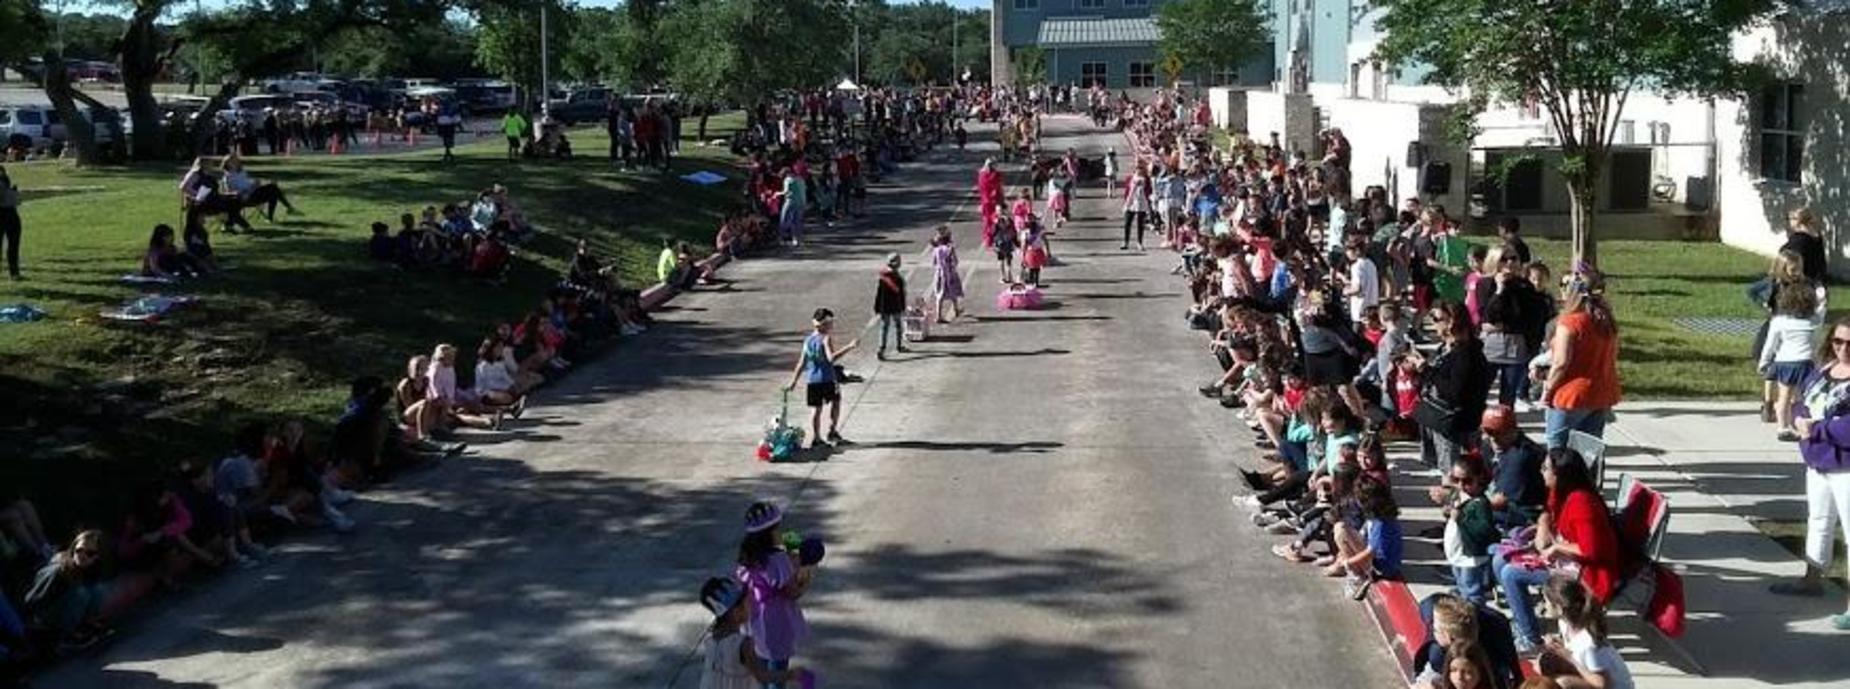 Fiesta Parade